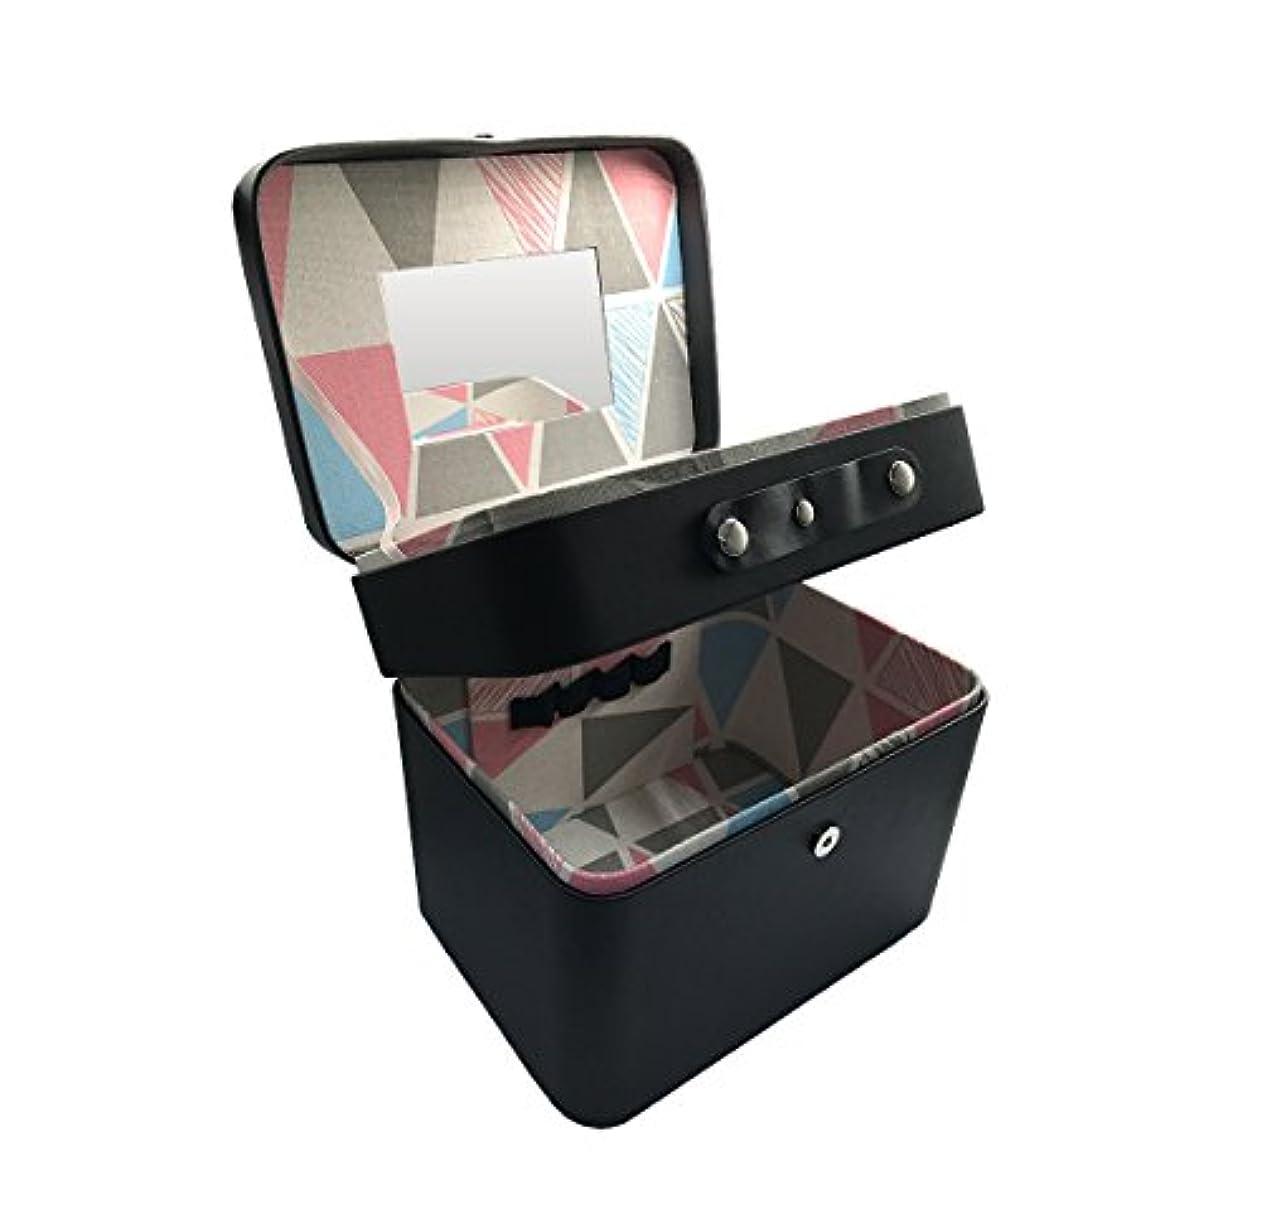 心配する未就学ロッジSZTulip コスメボックス メイクボックス 大容量収納ケース メイクブラシ化粧道具小物入れ 鏡付き 化粧品収納ボックス (ブラック)